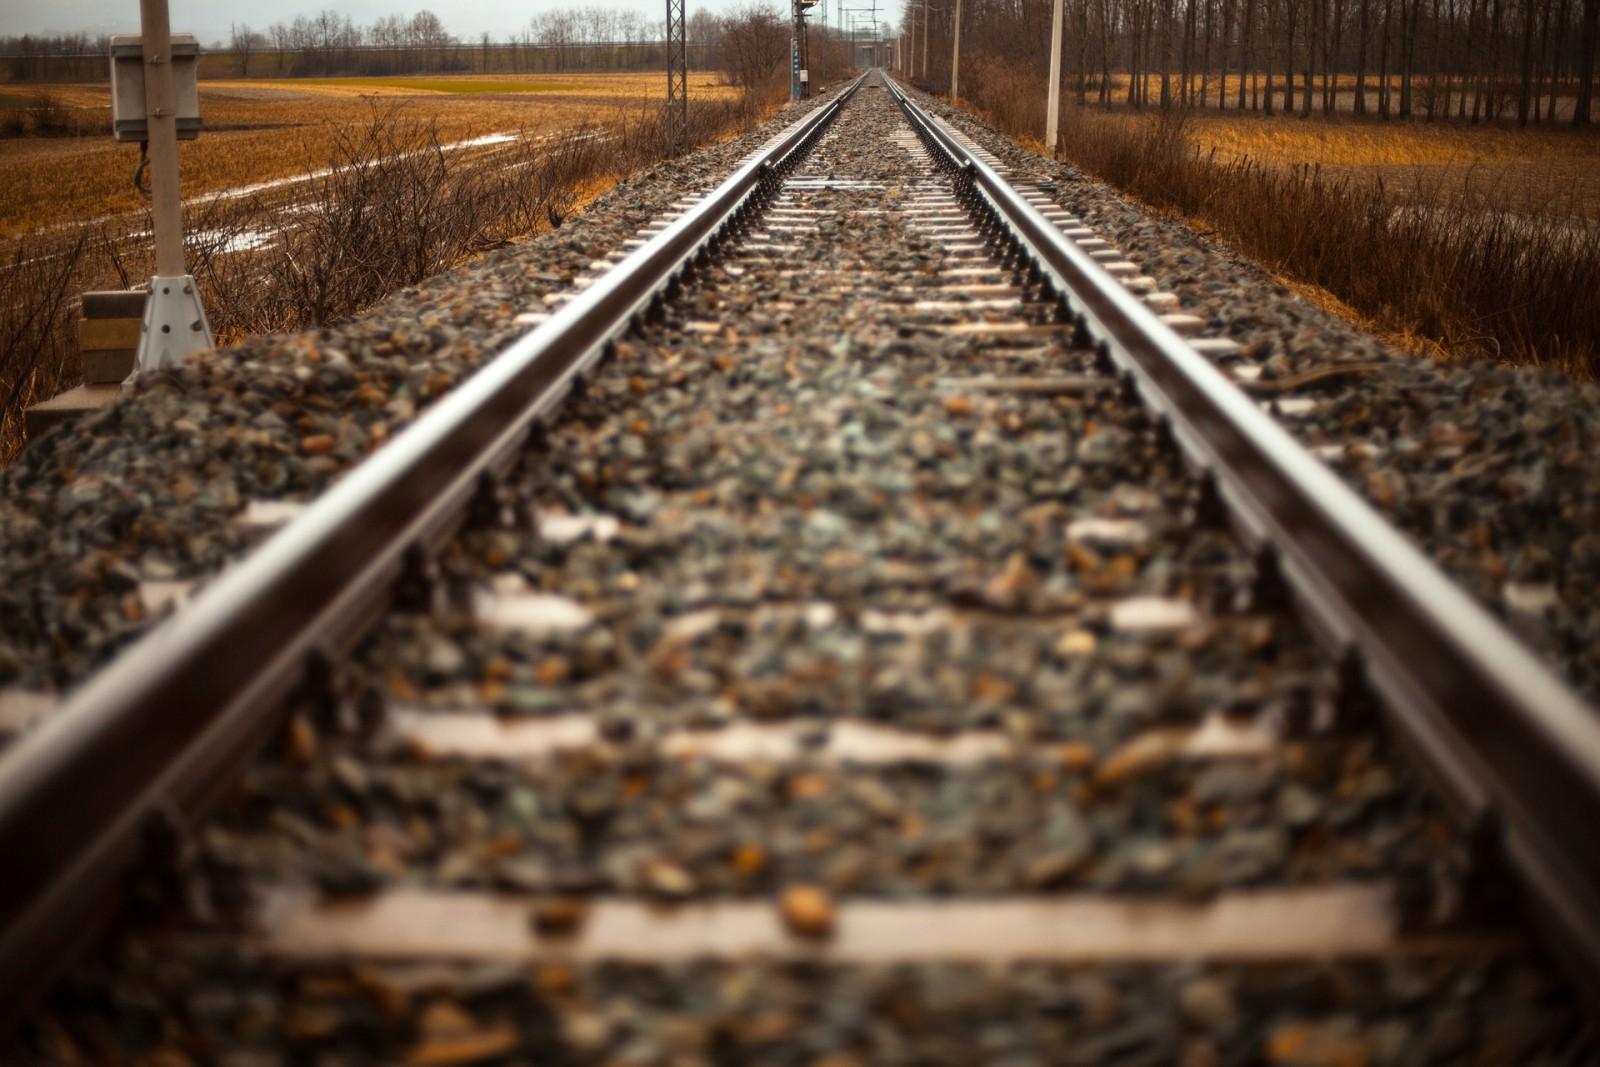 Catastrophe ferroviaire au Luxembourg : un rapport confirme une erreur humaine et technique